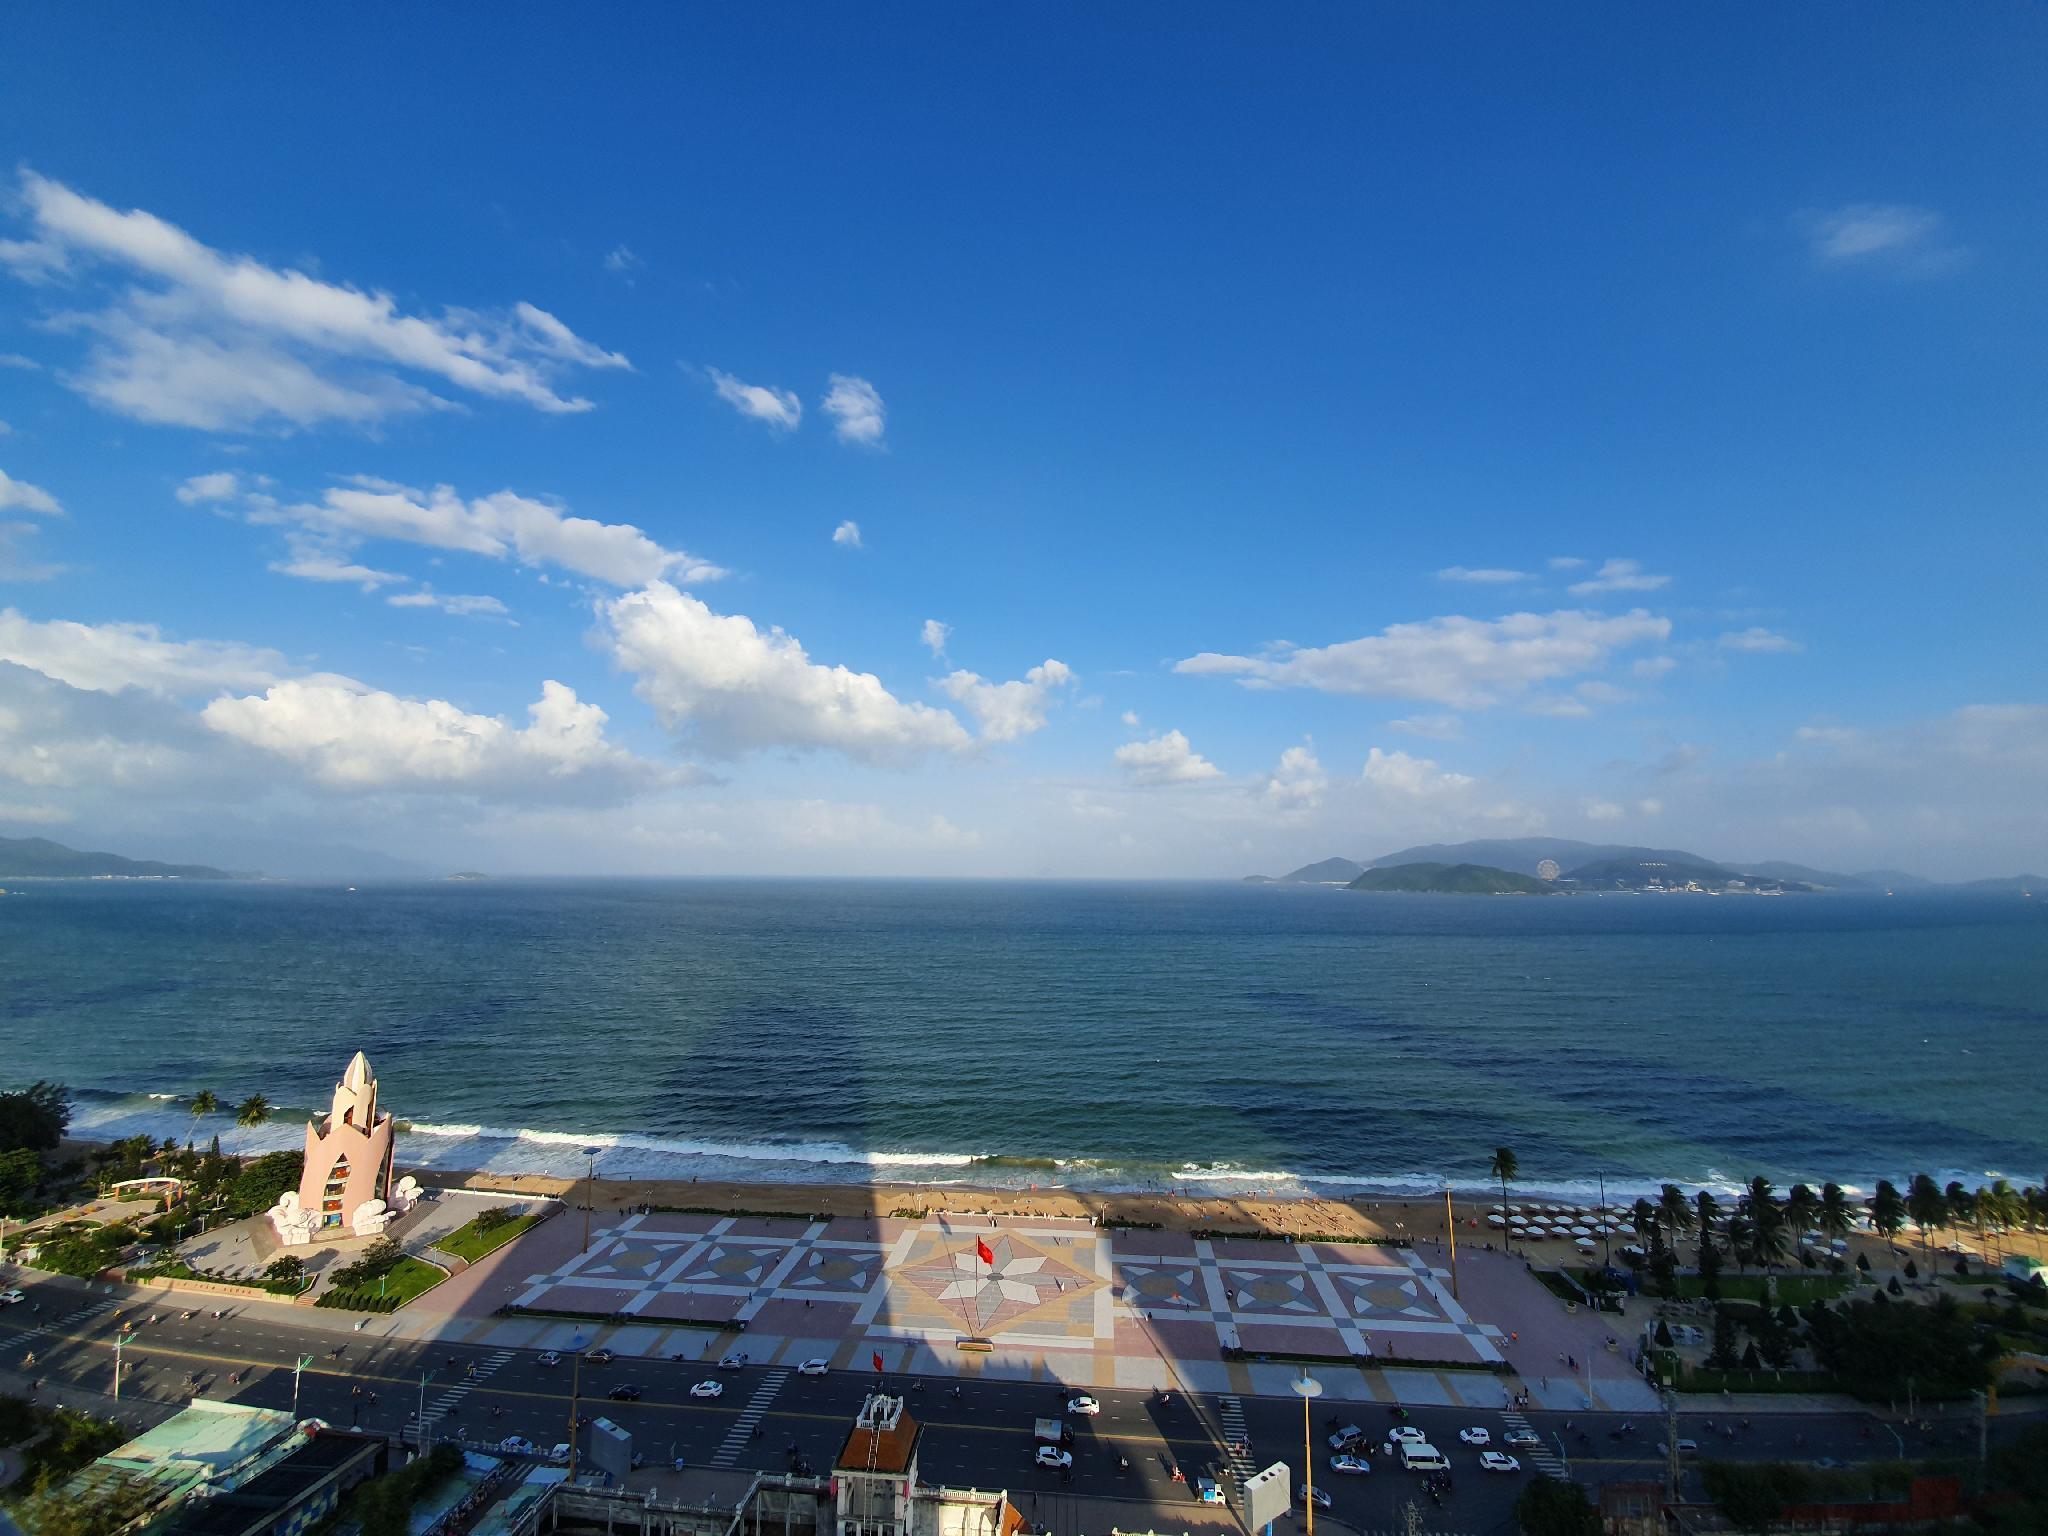 Crystali Panorama Nha Trang